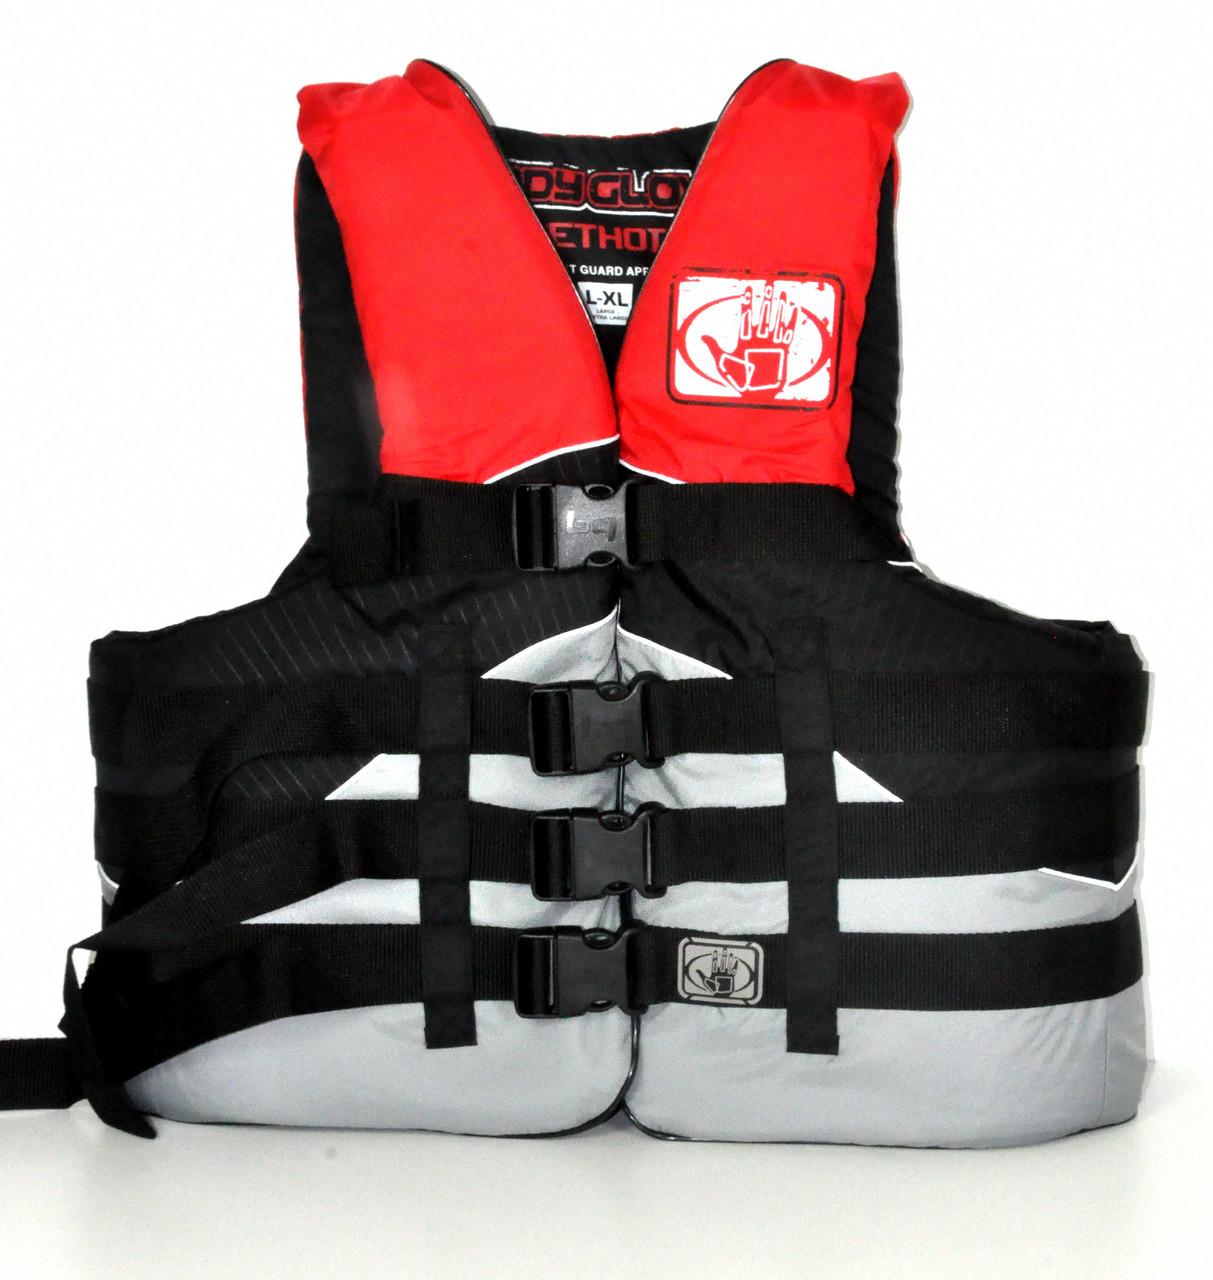 Спасательный жилет водный BodyGlove нейлон 2XL/3XL Method черно-красный для лодки, катера, яхты